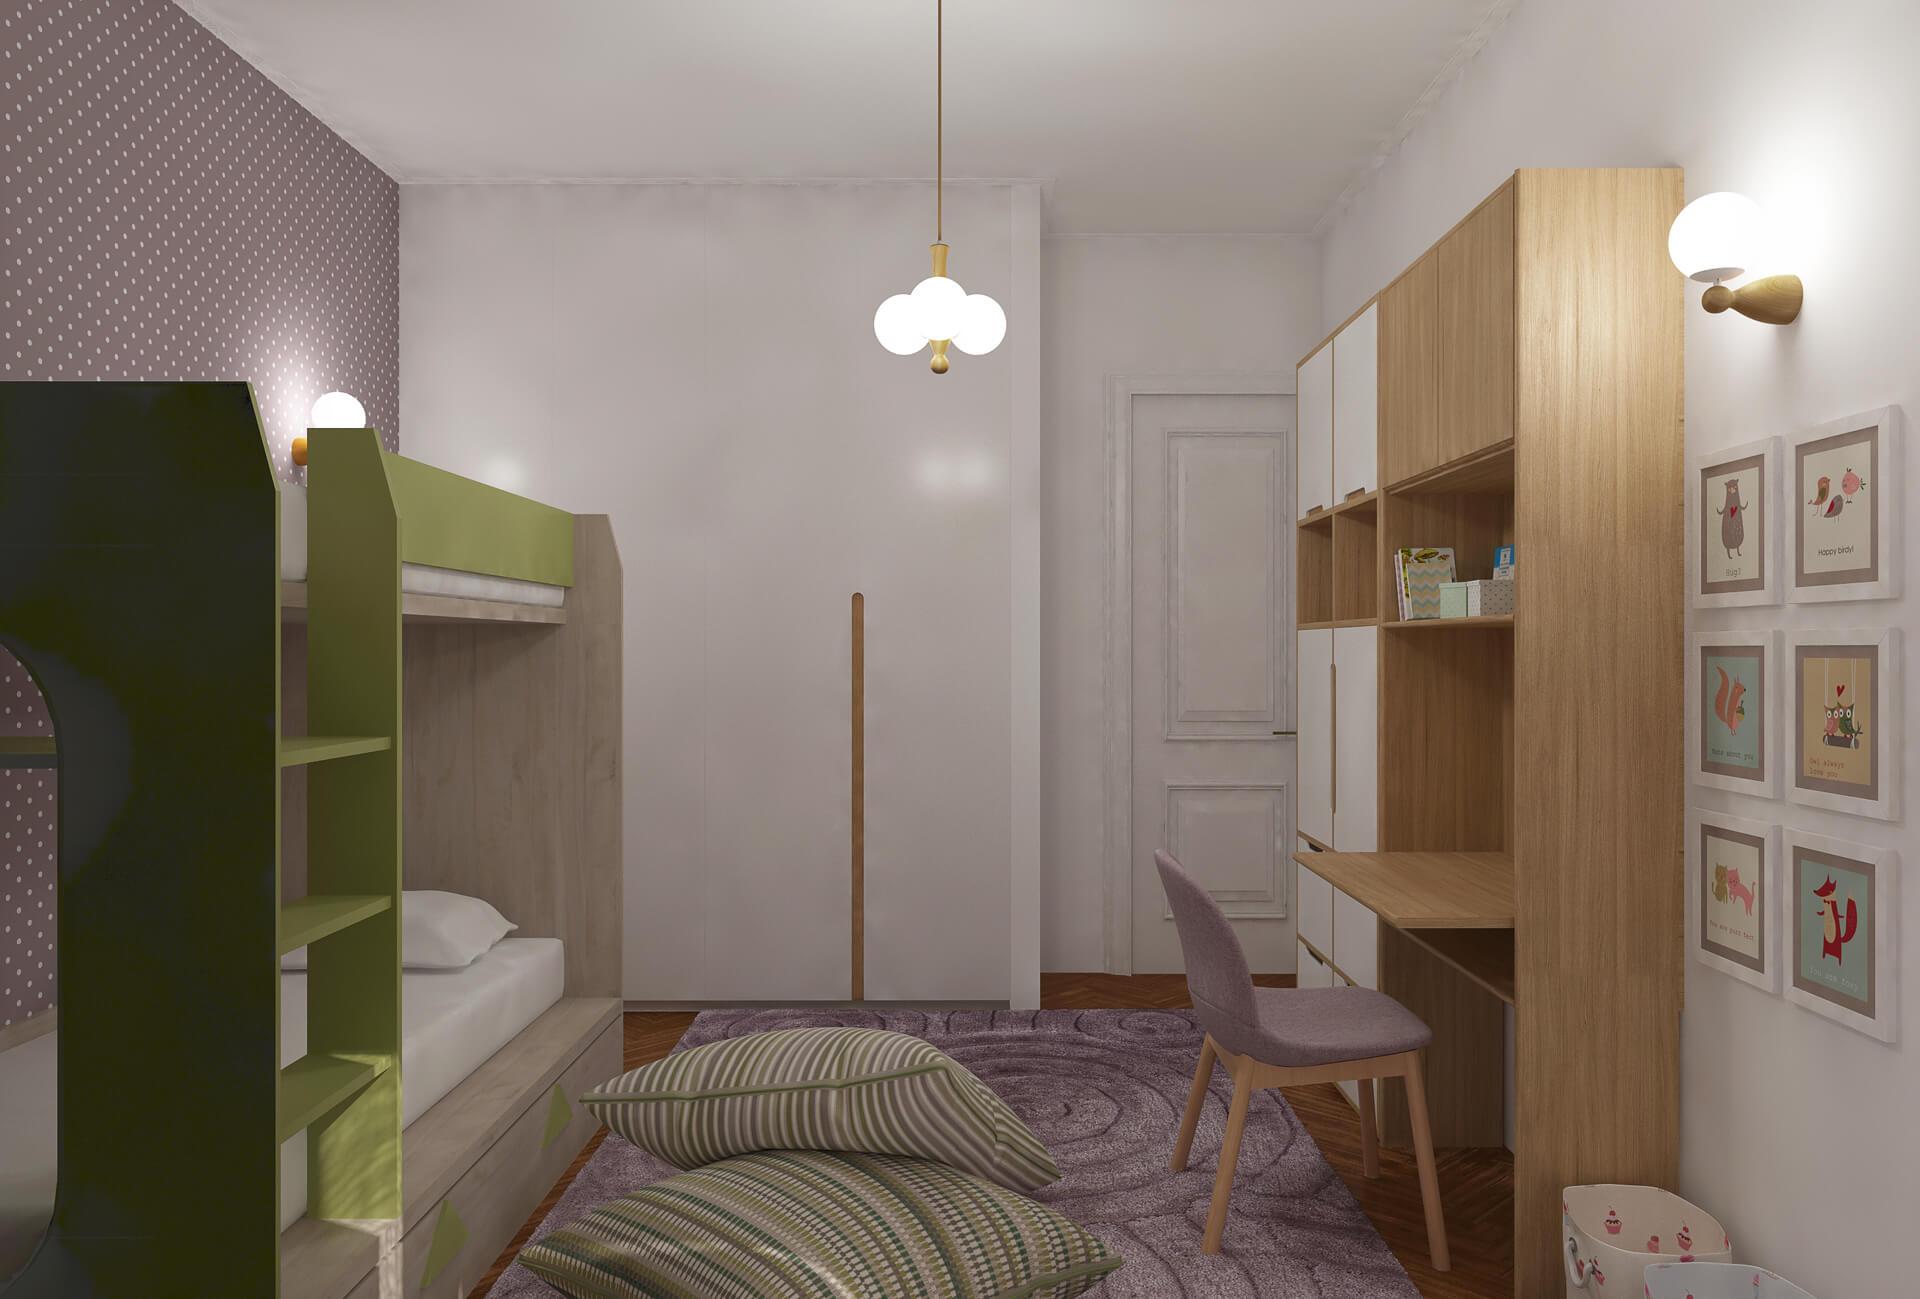 Ανακαίνιση Τρικούπη_Bedroom 03_02_20201116